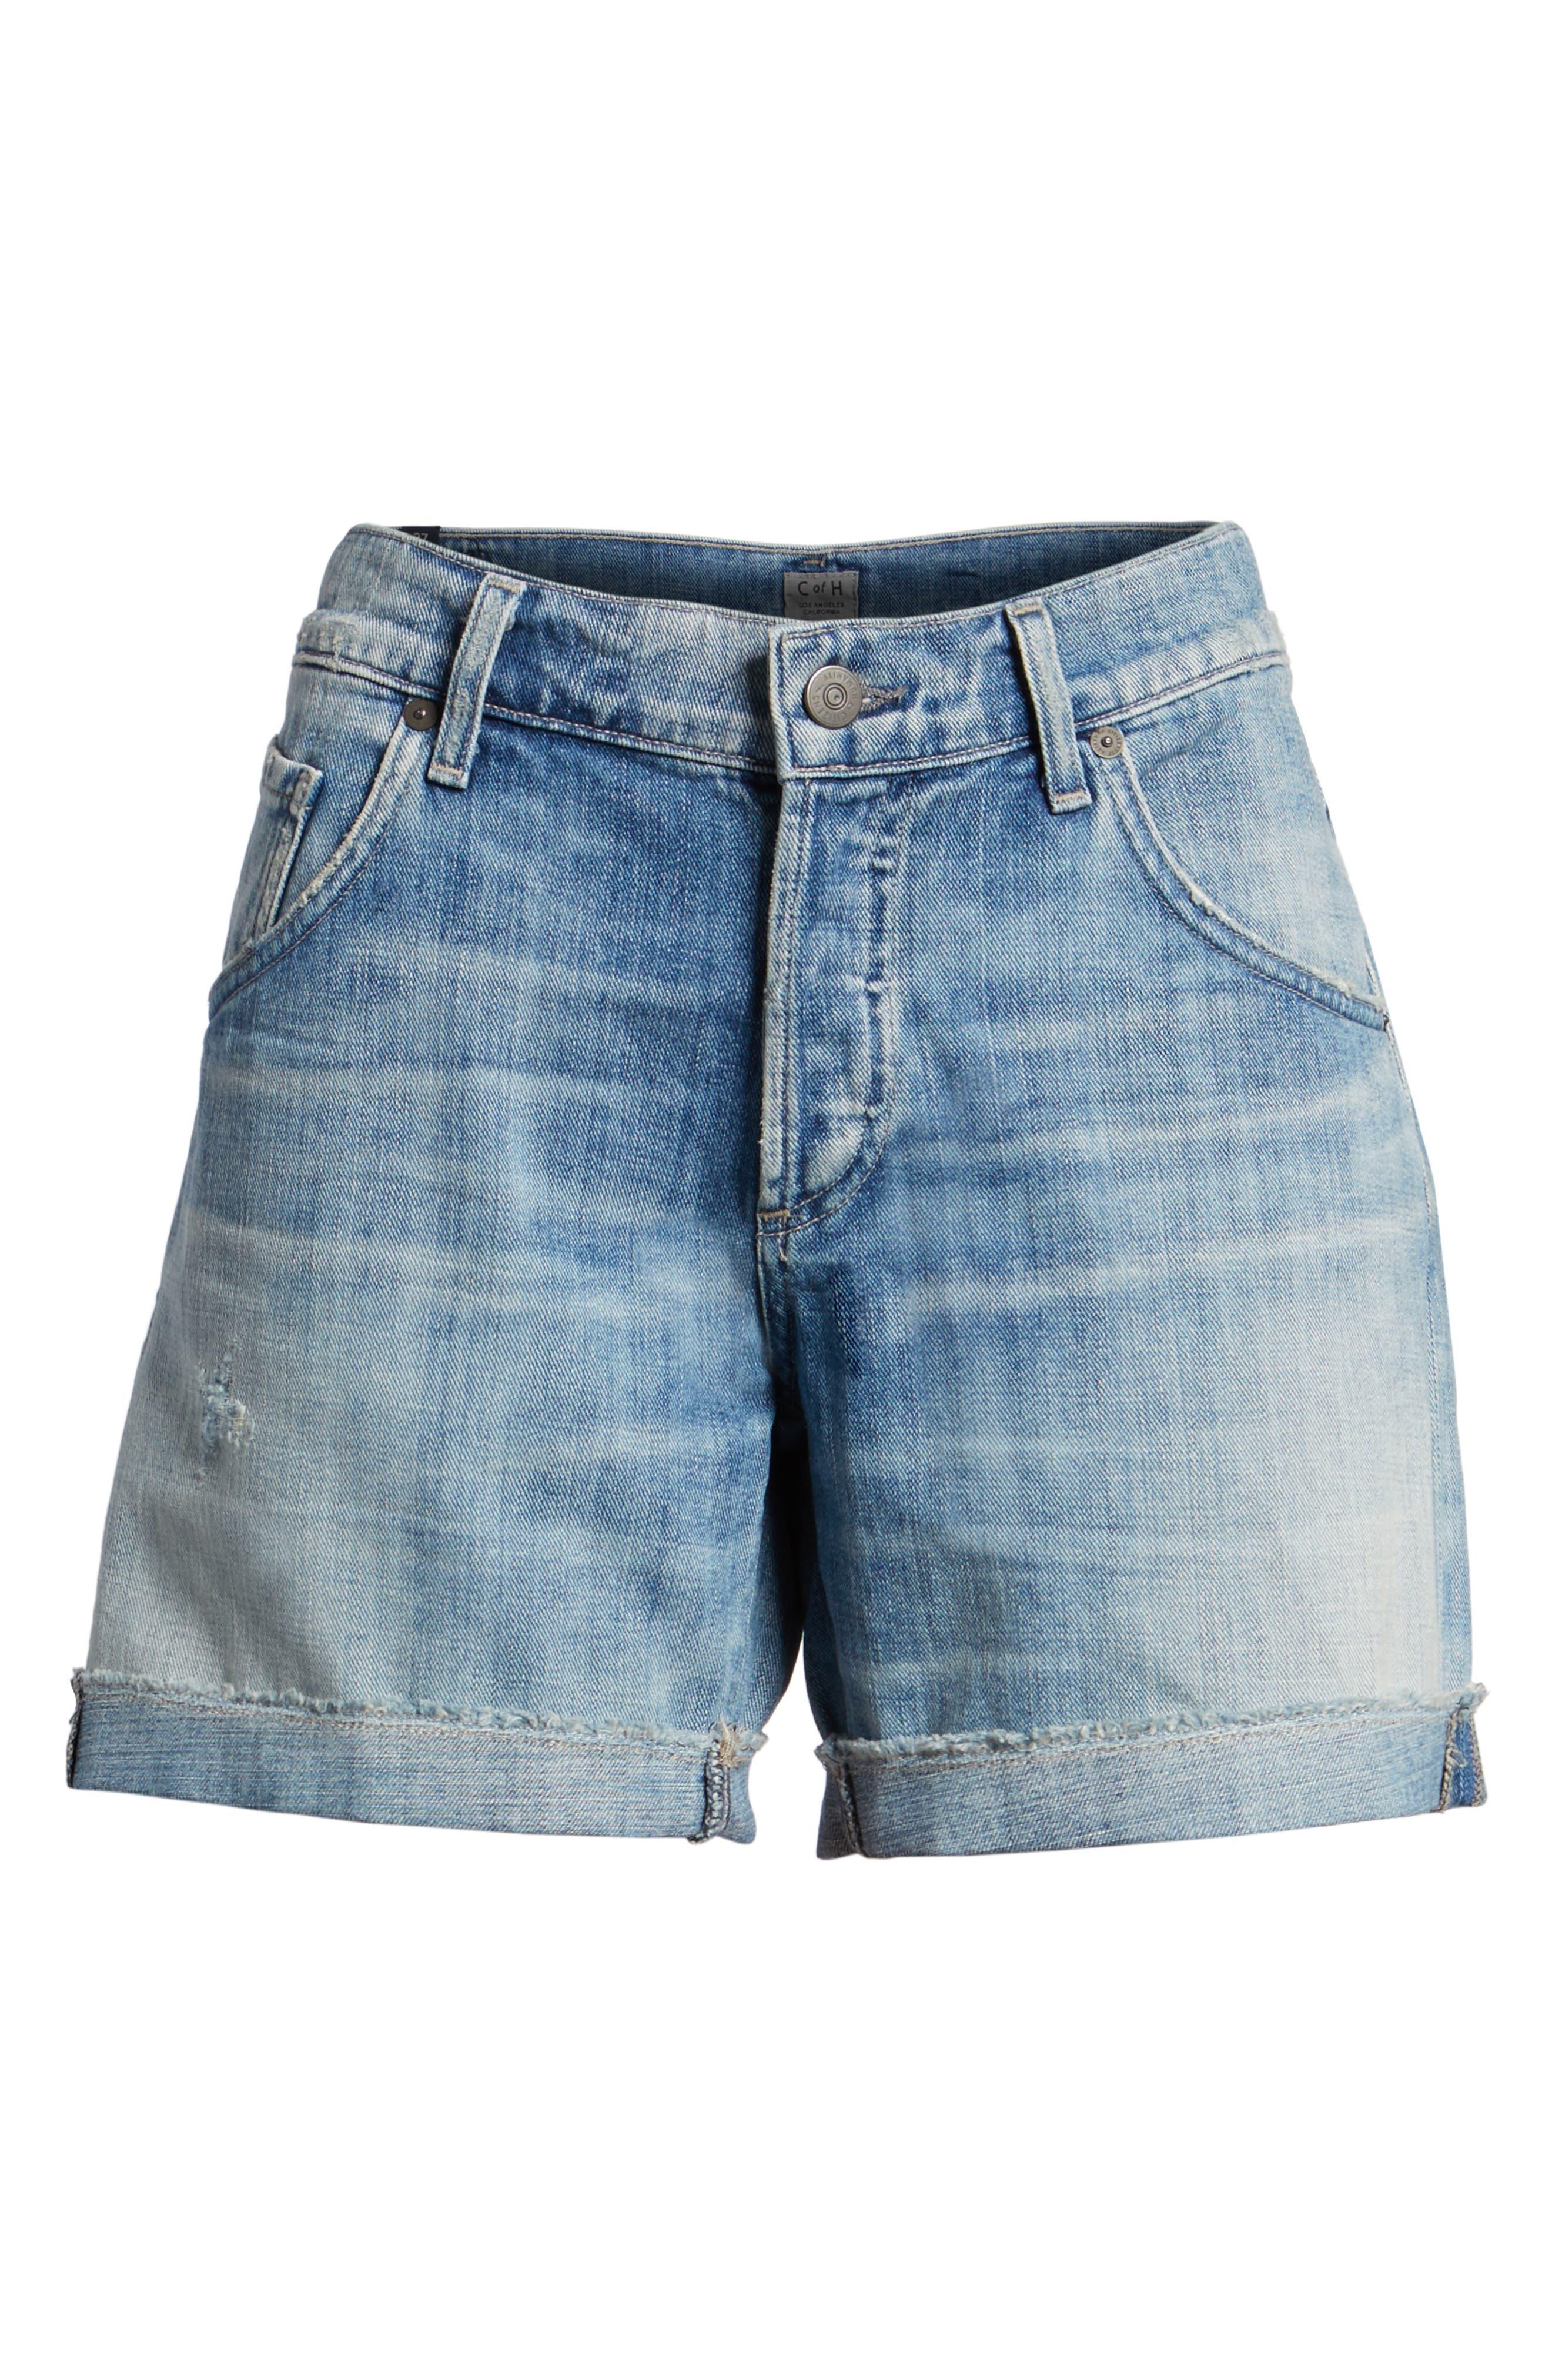 'Skler' Denim Shorts,                         Main,                         color, 451